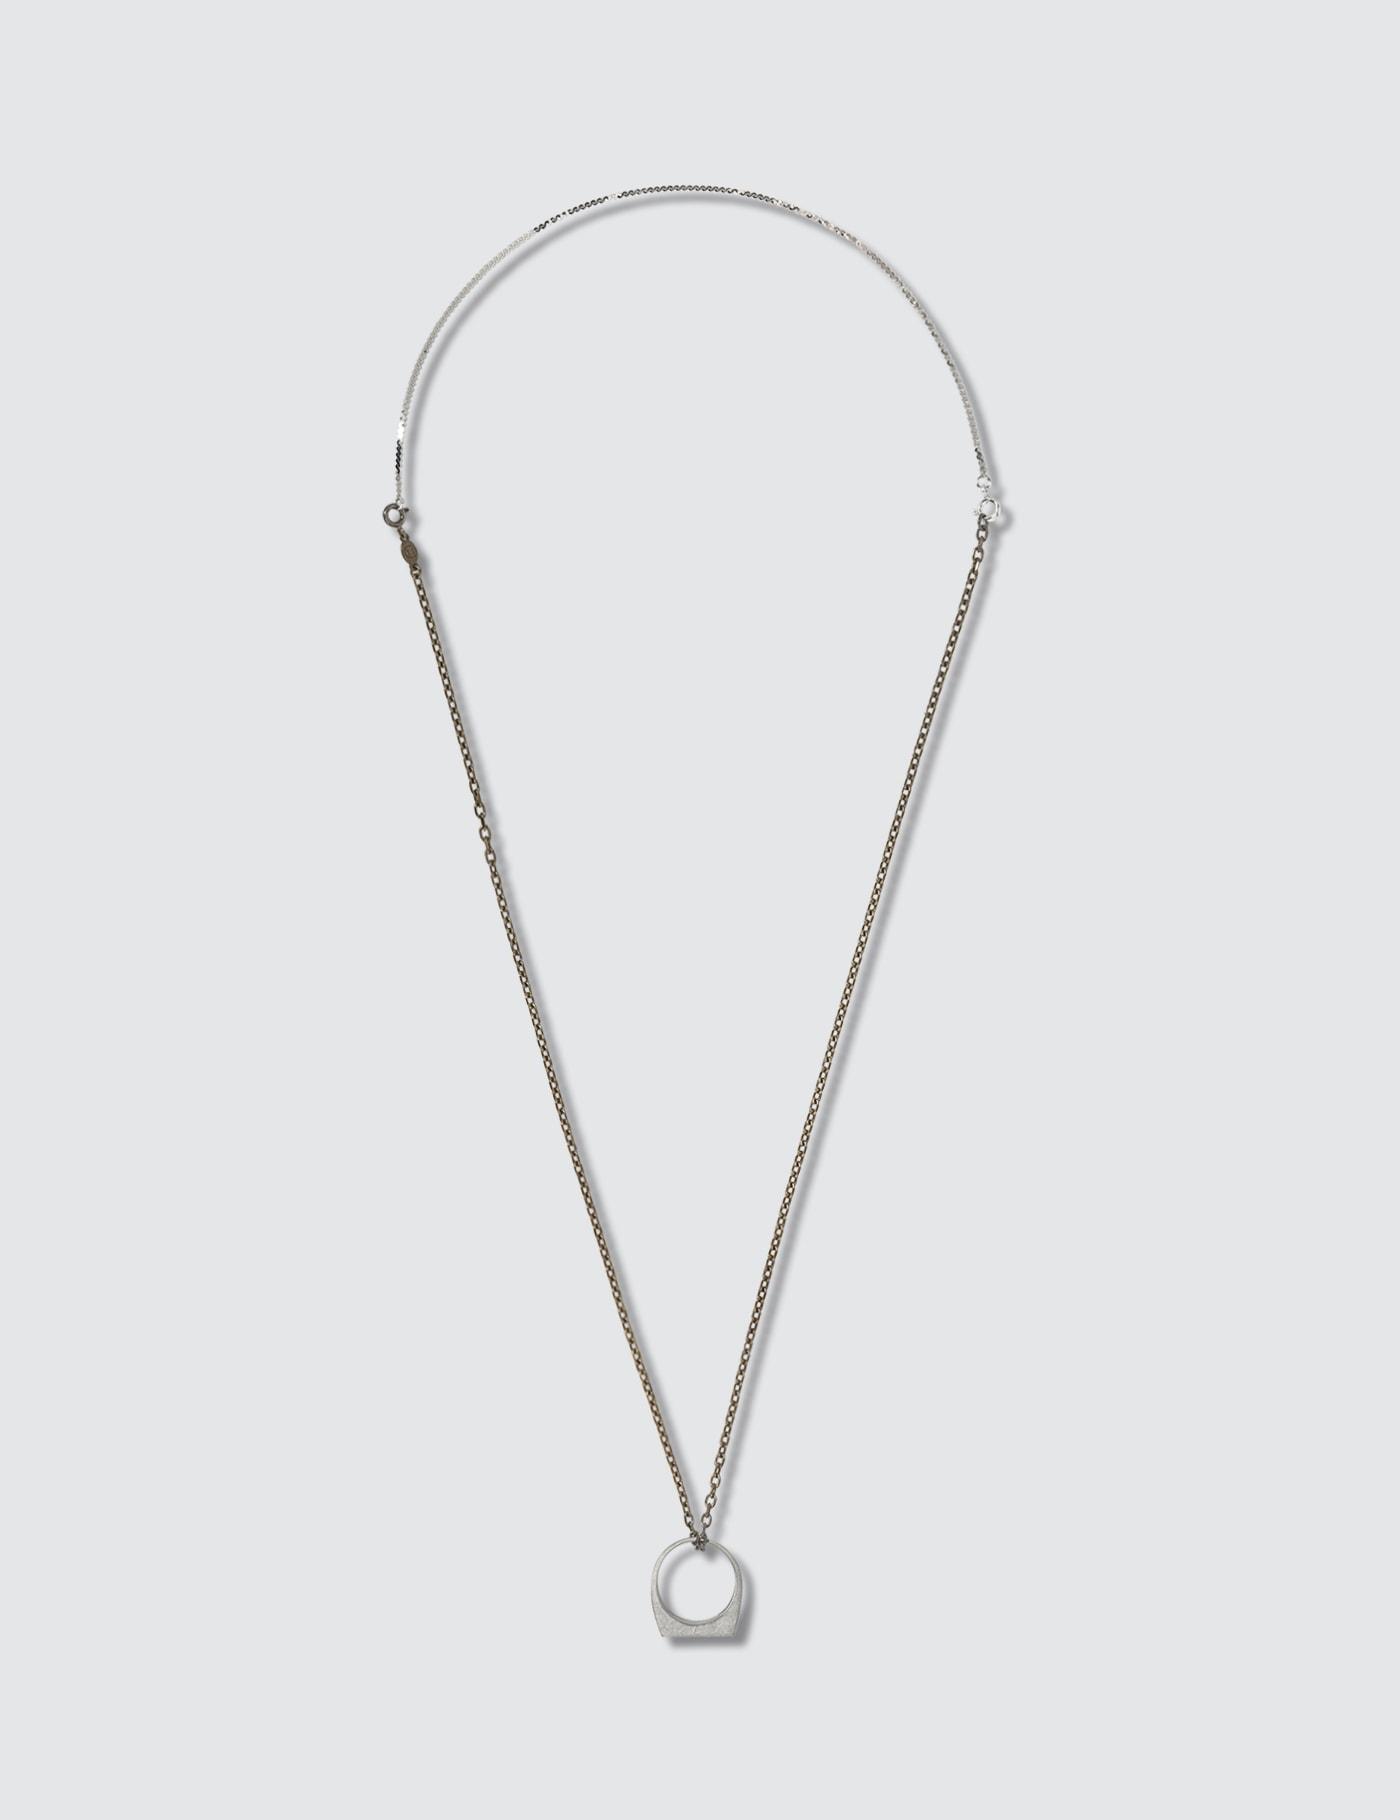 Du00e9cortiquu00e9 Pendant Silver Necklace